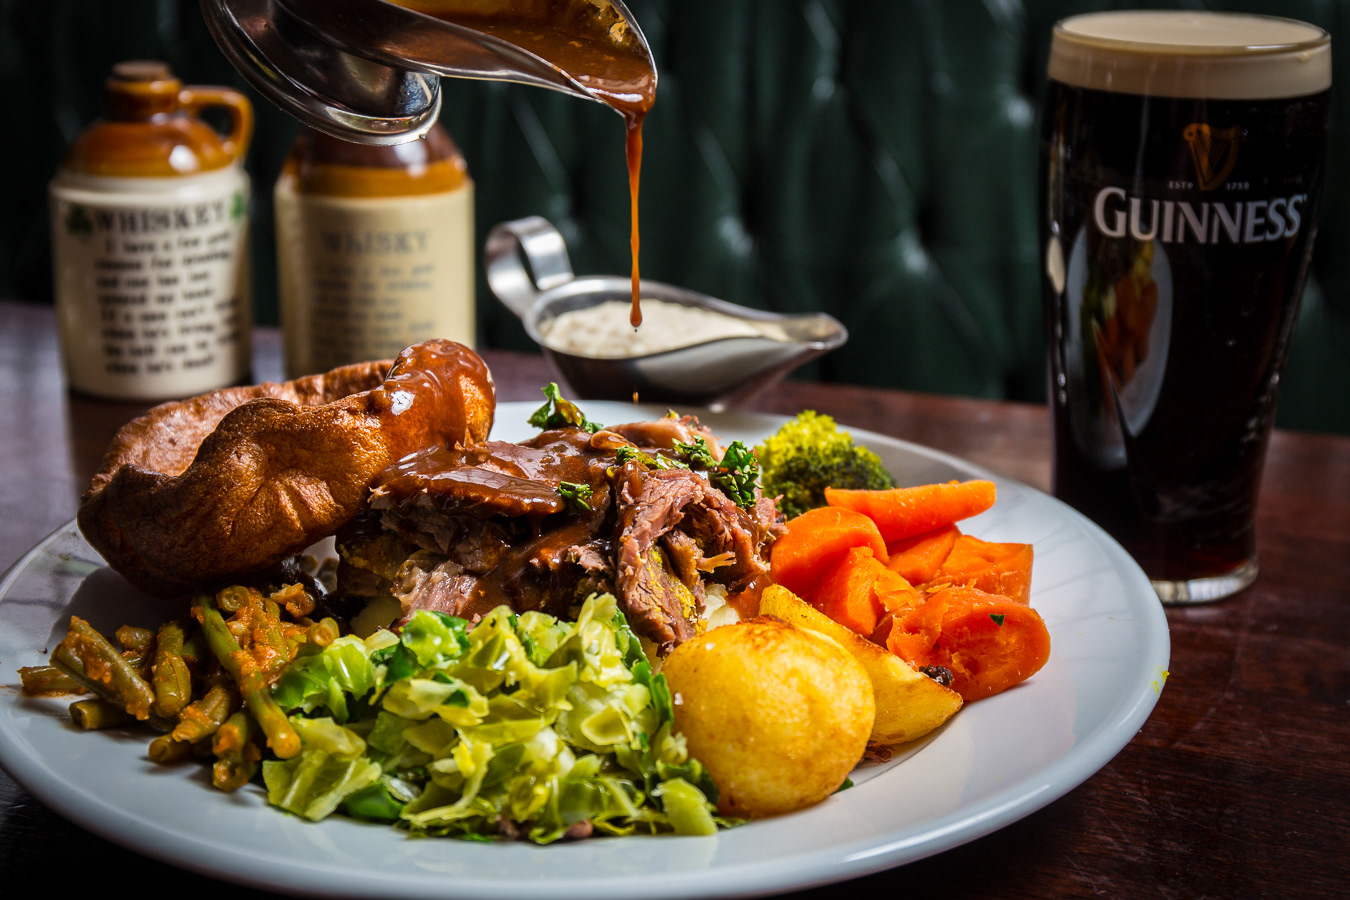 Irish cuisine